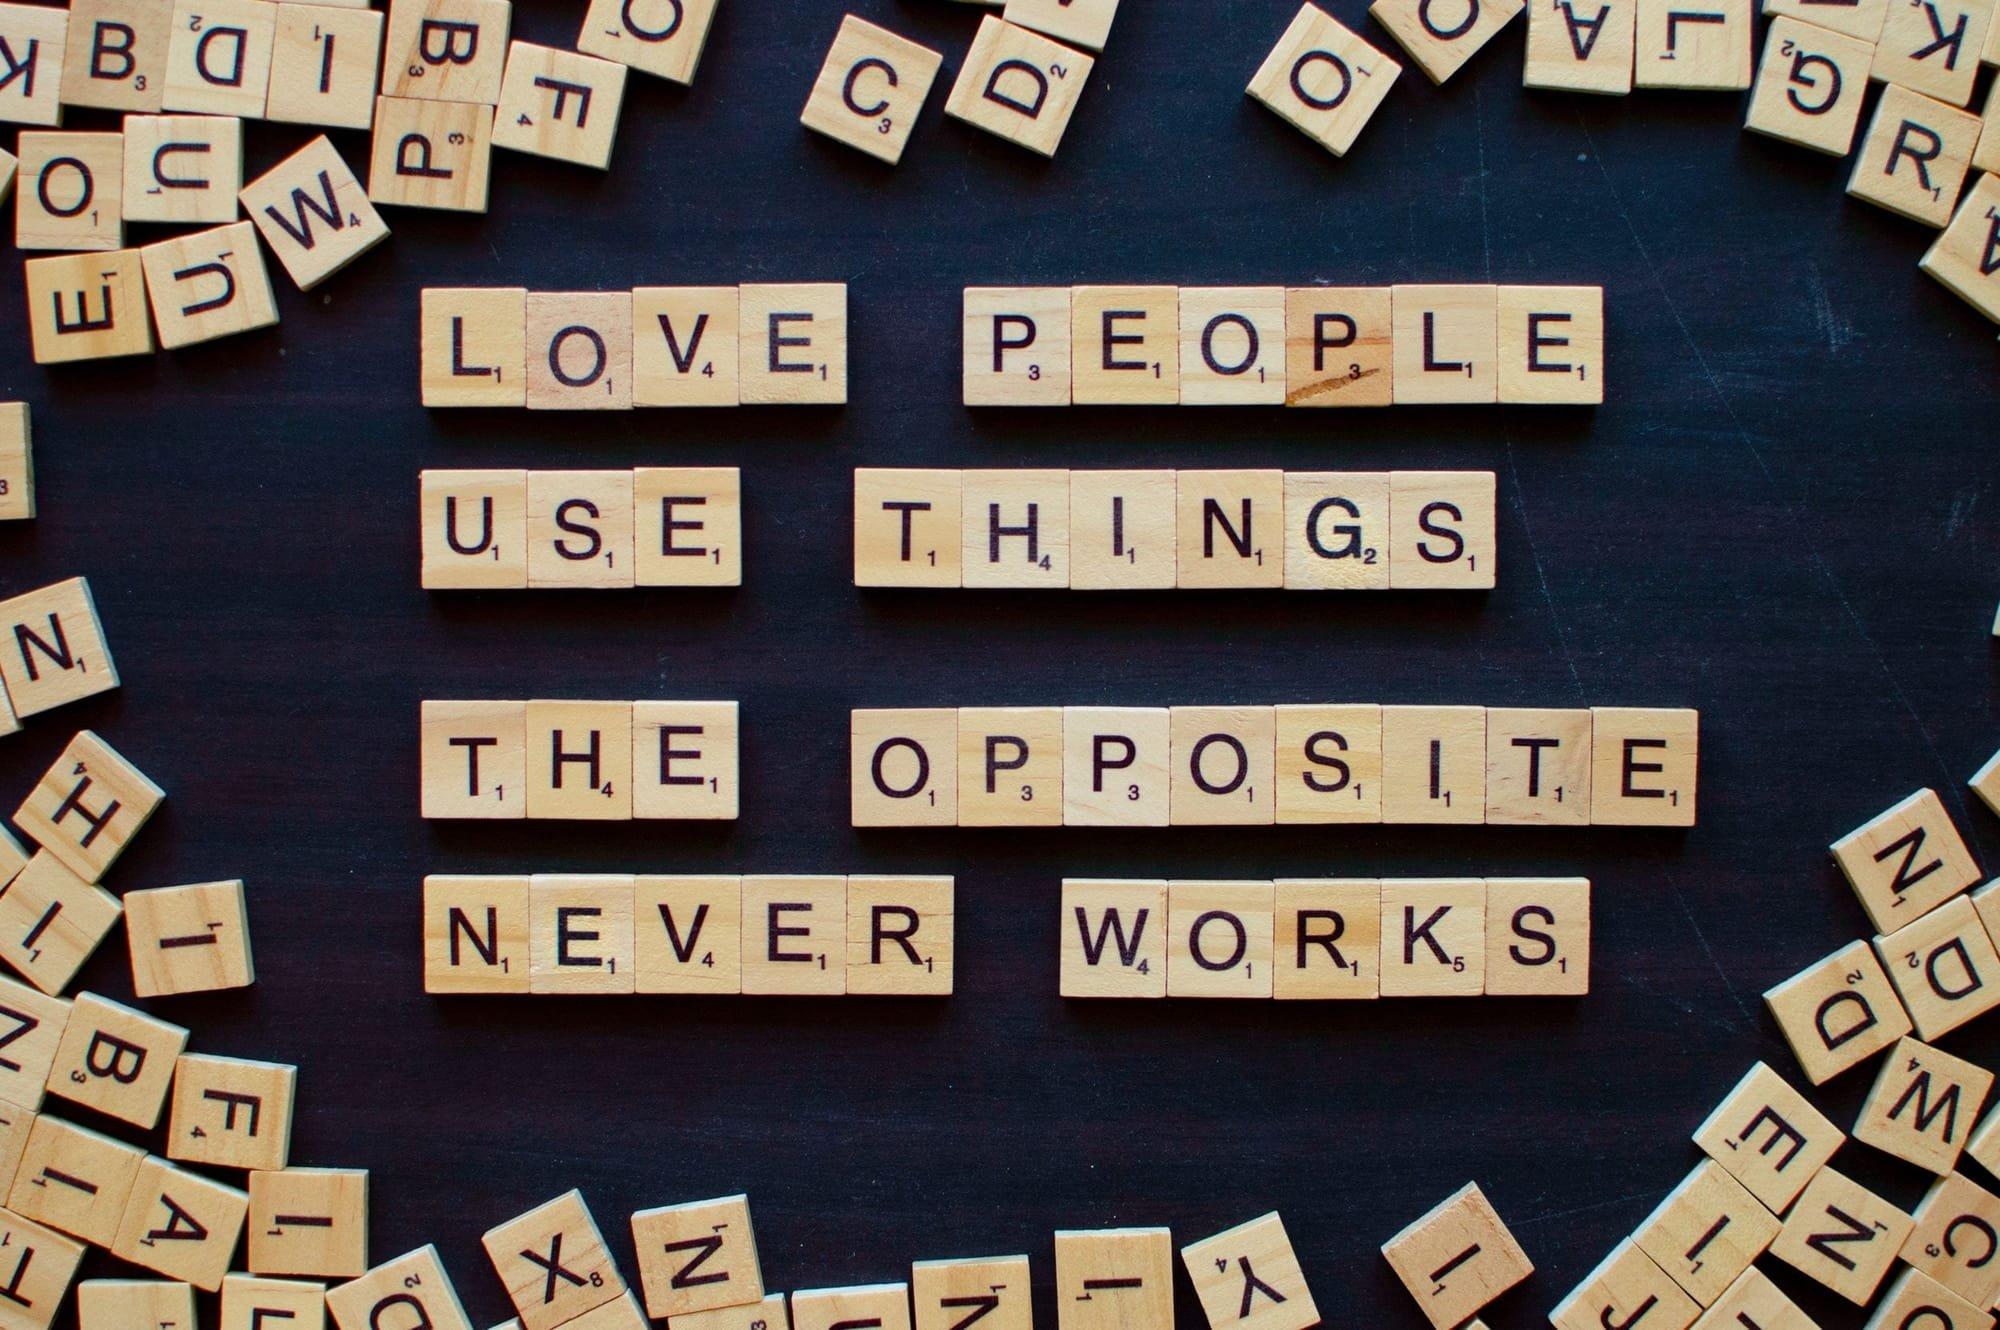 מערכות יחסים, אהבה, אינטימיות , רגש